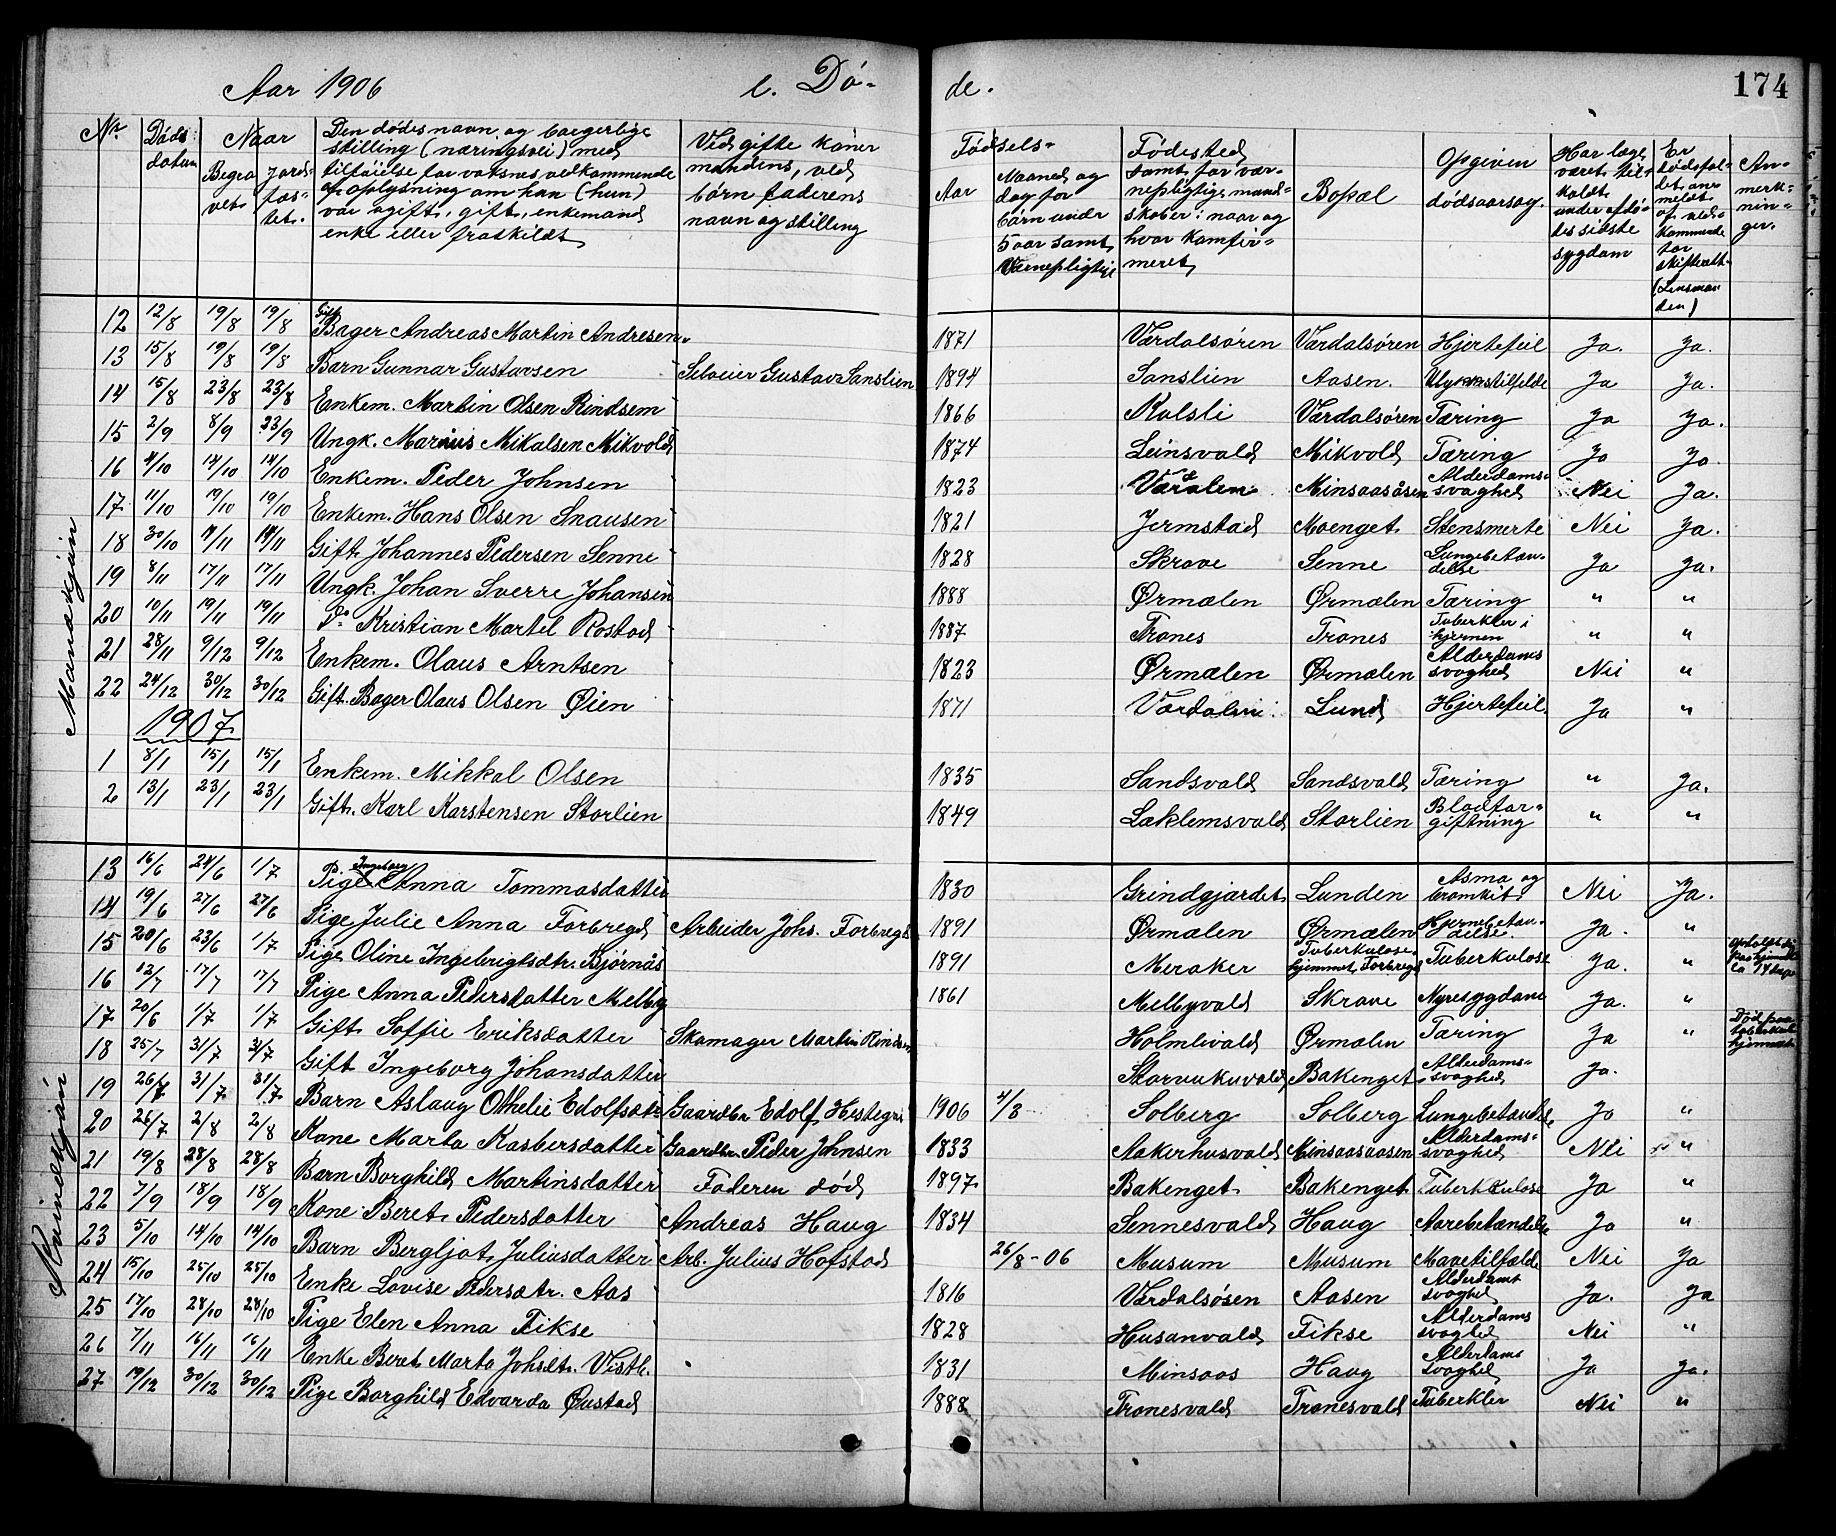 SAT, Ministerialprotokoller, klokkerbøker og fødselsregistre - Nord-Trøndelag, 723/L0257: Klokkerbok nr. 723C05, 1890-1907, s. 174